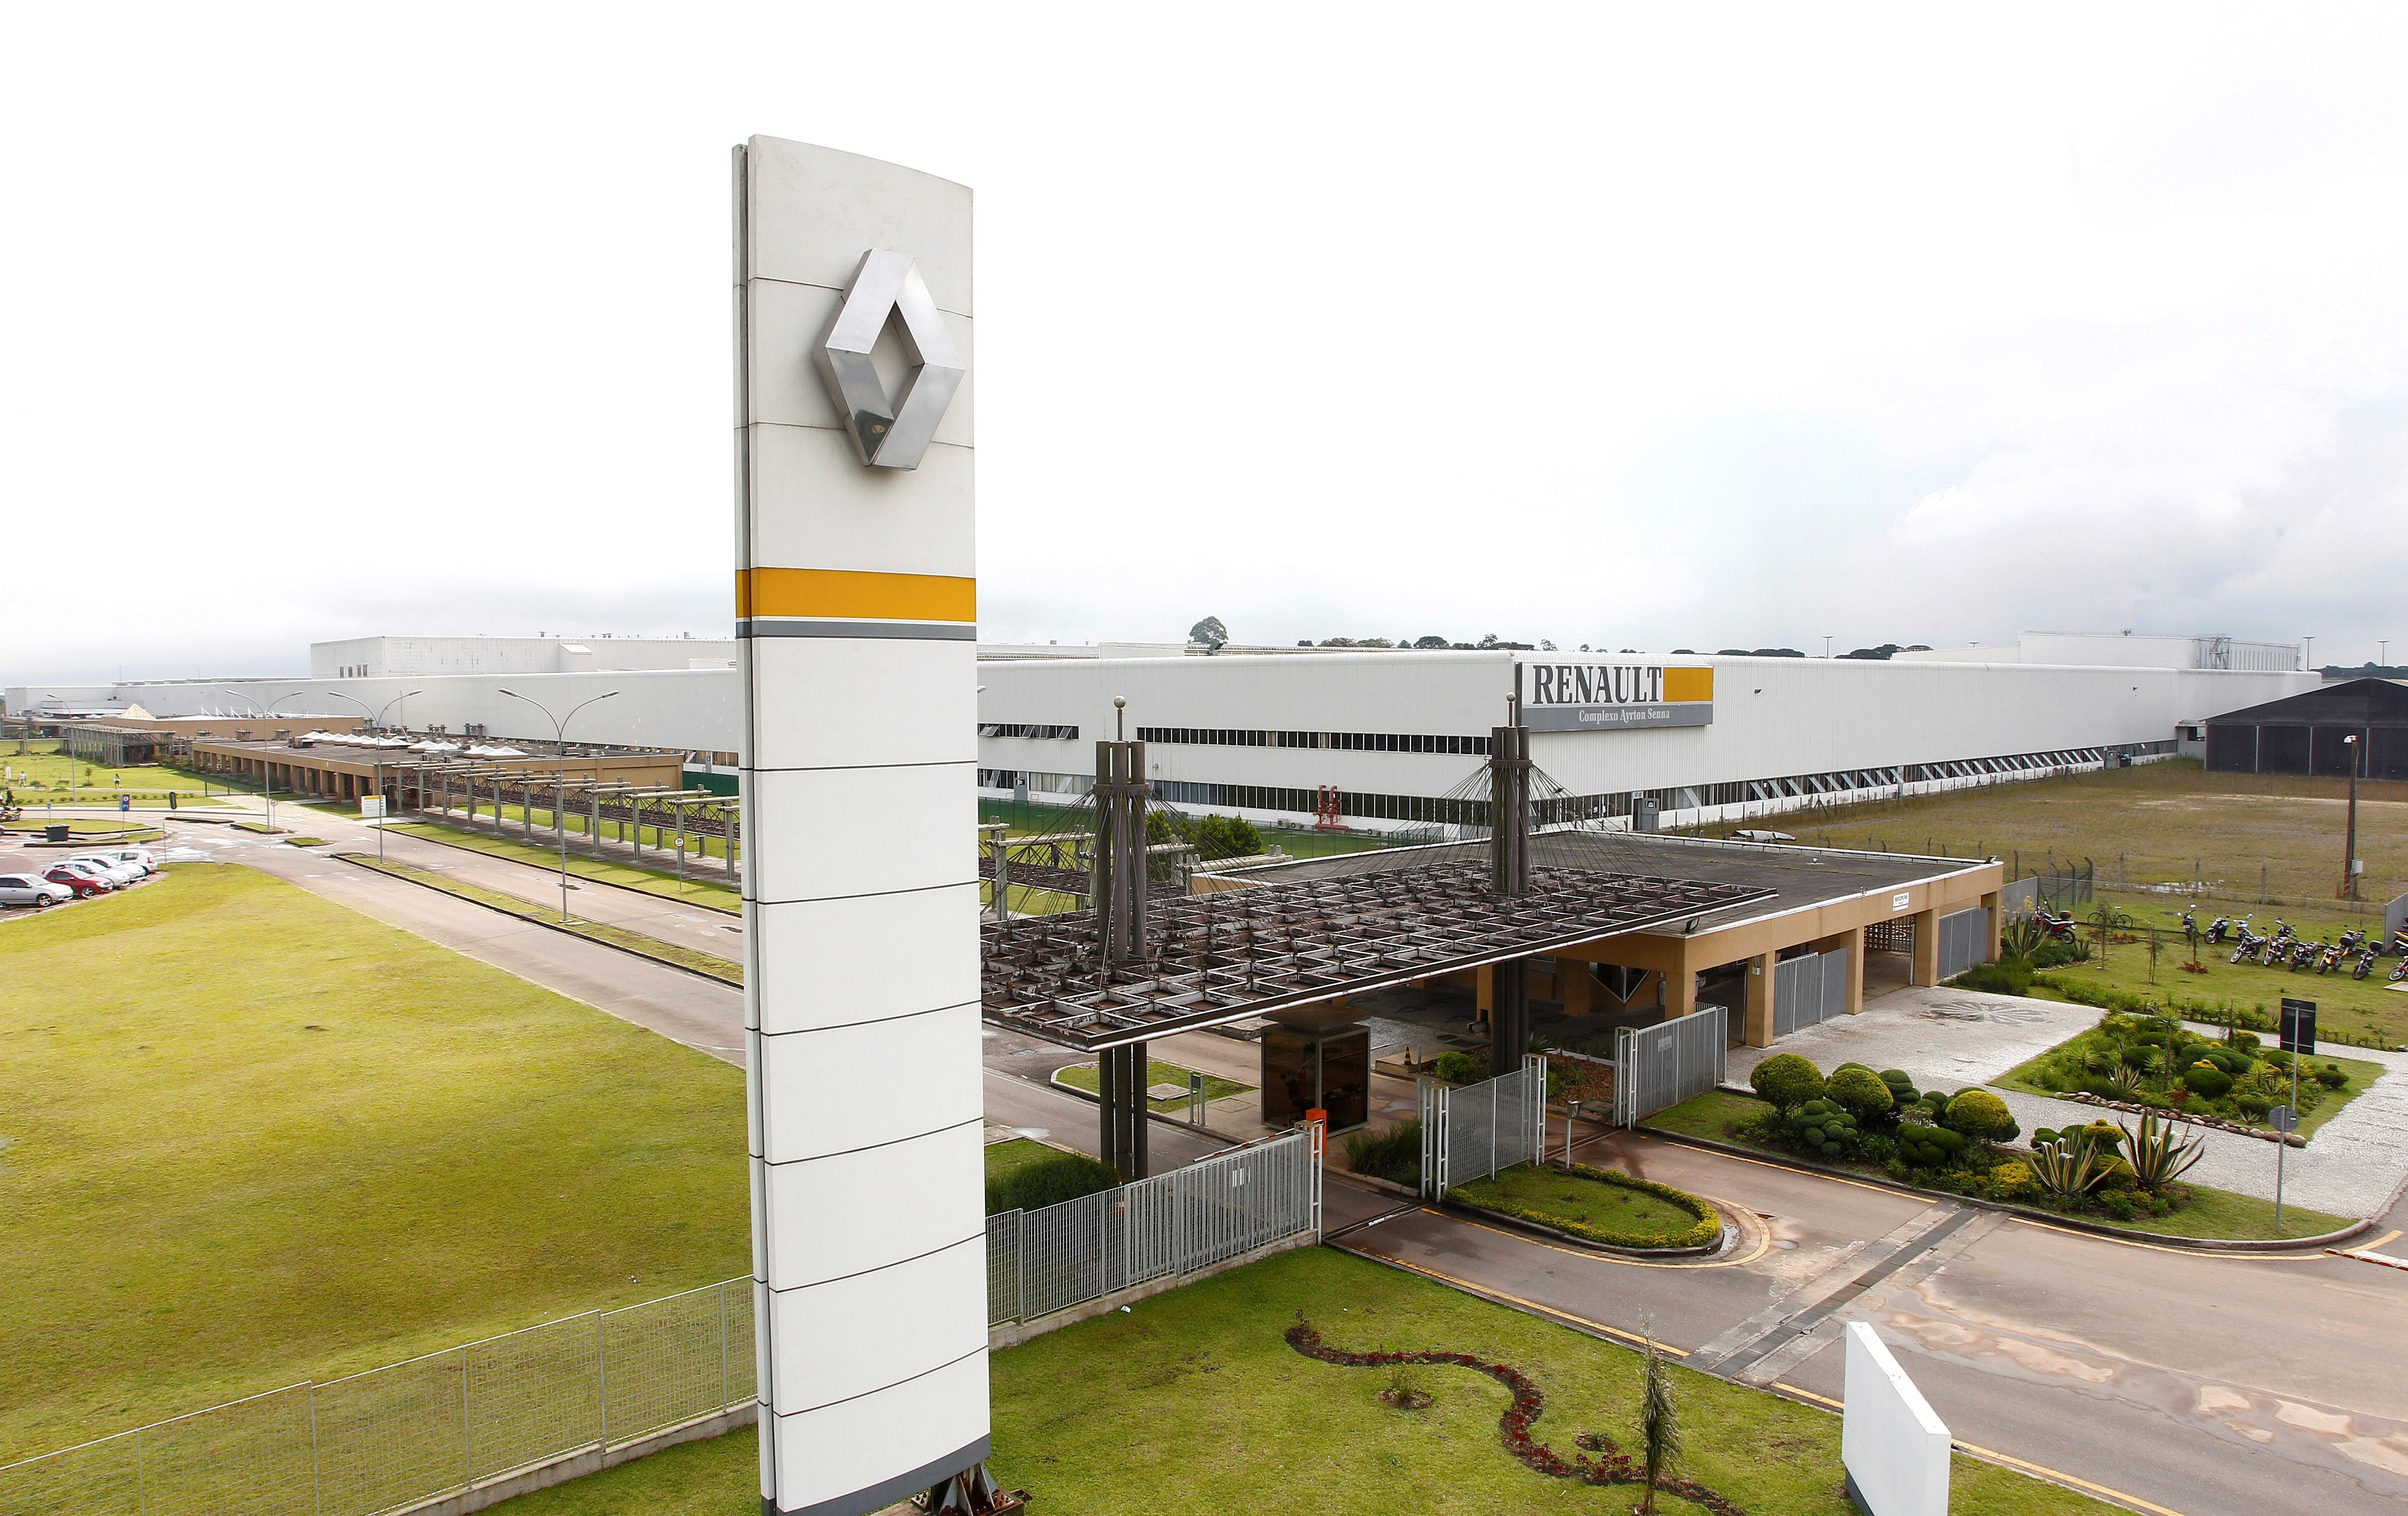 Após aprovação de acordo, Renault anuncia readmissão de 747 trabalhadores demitidos em julho